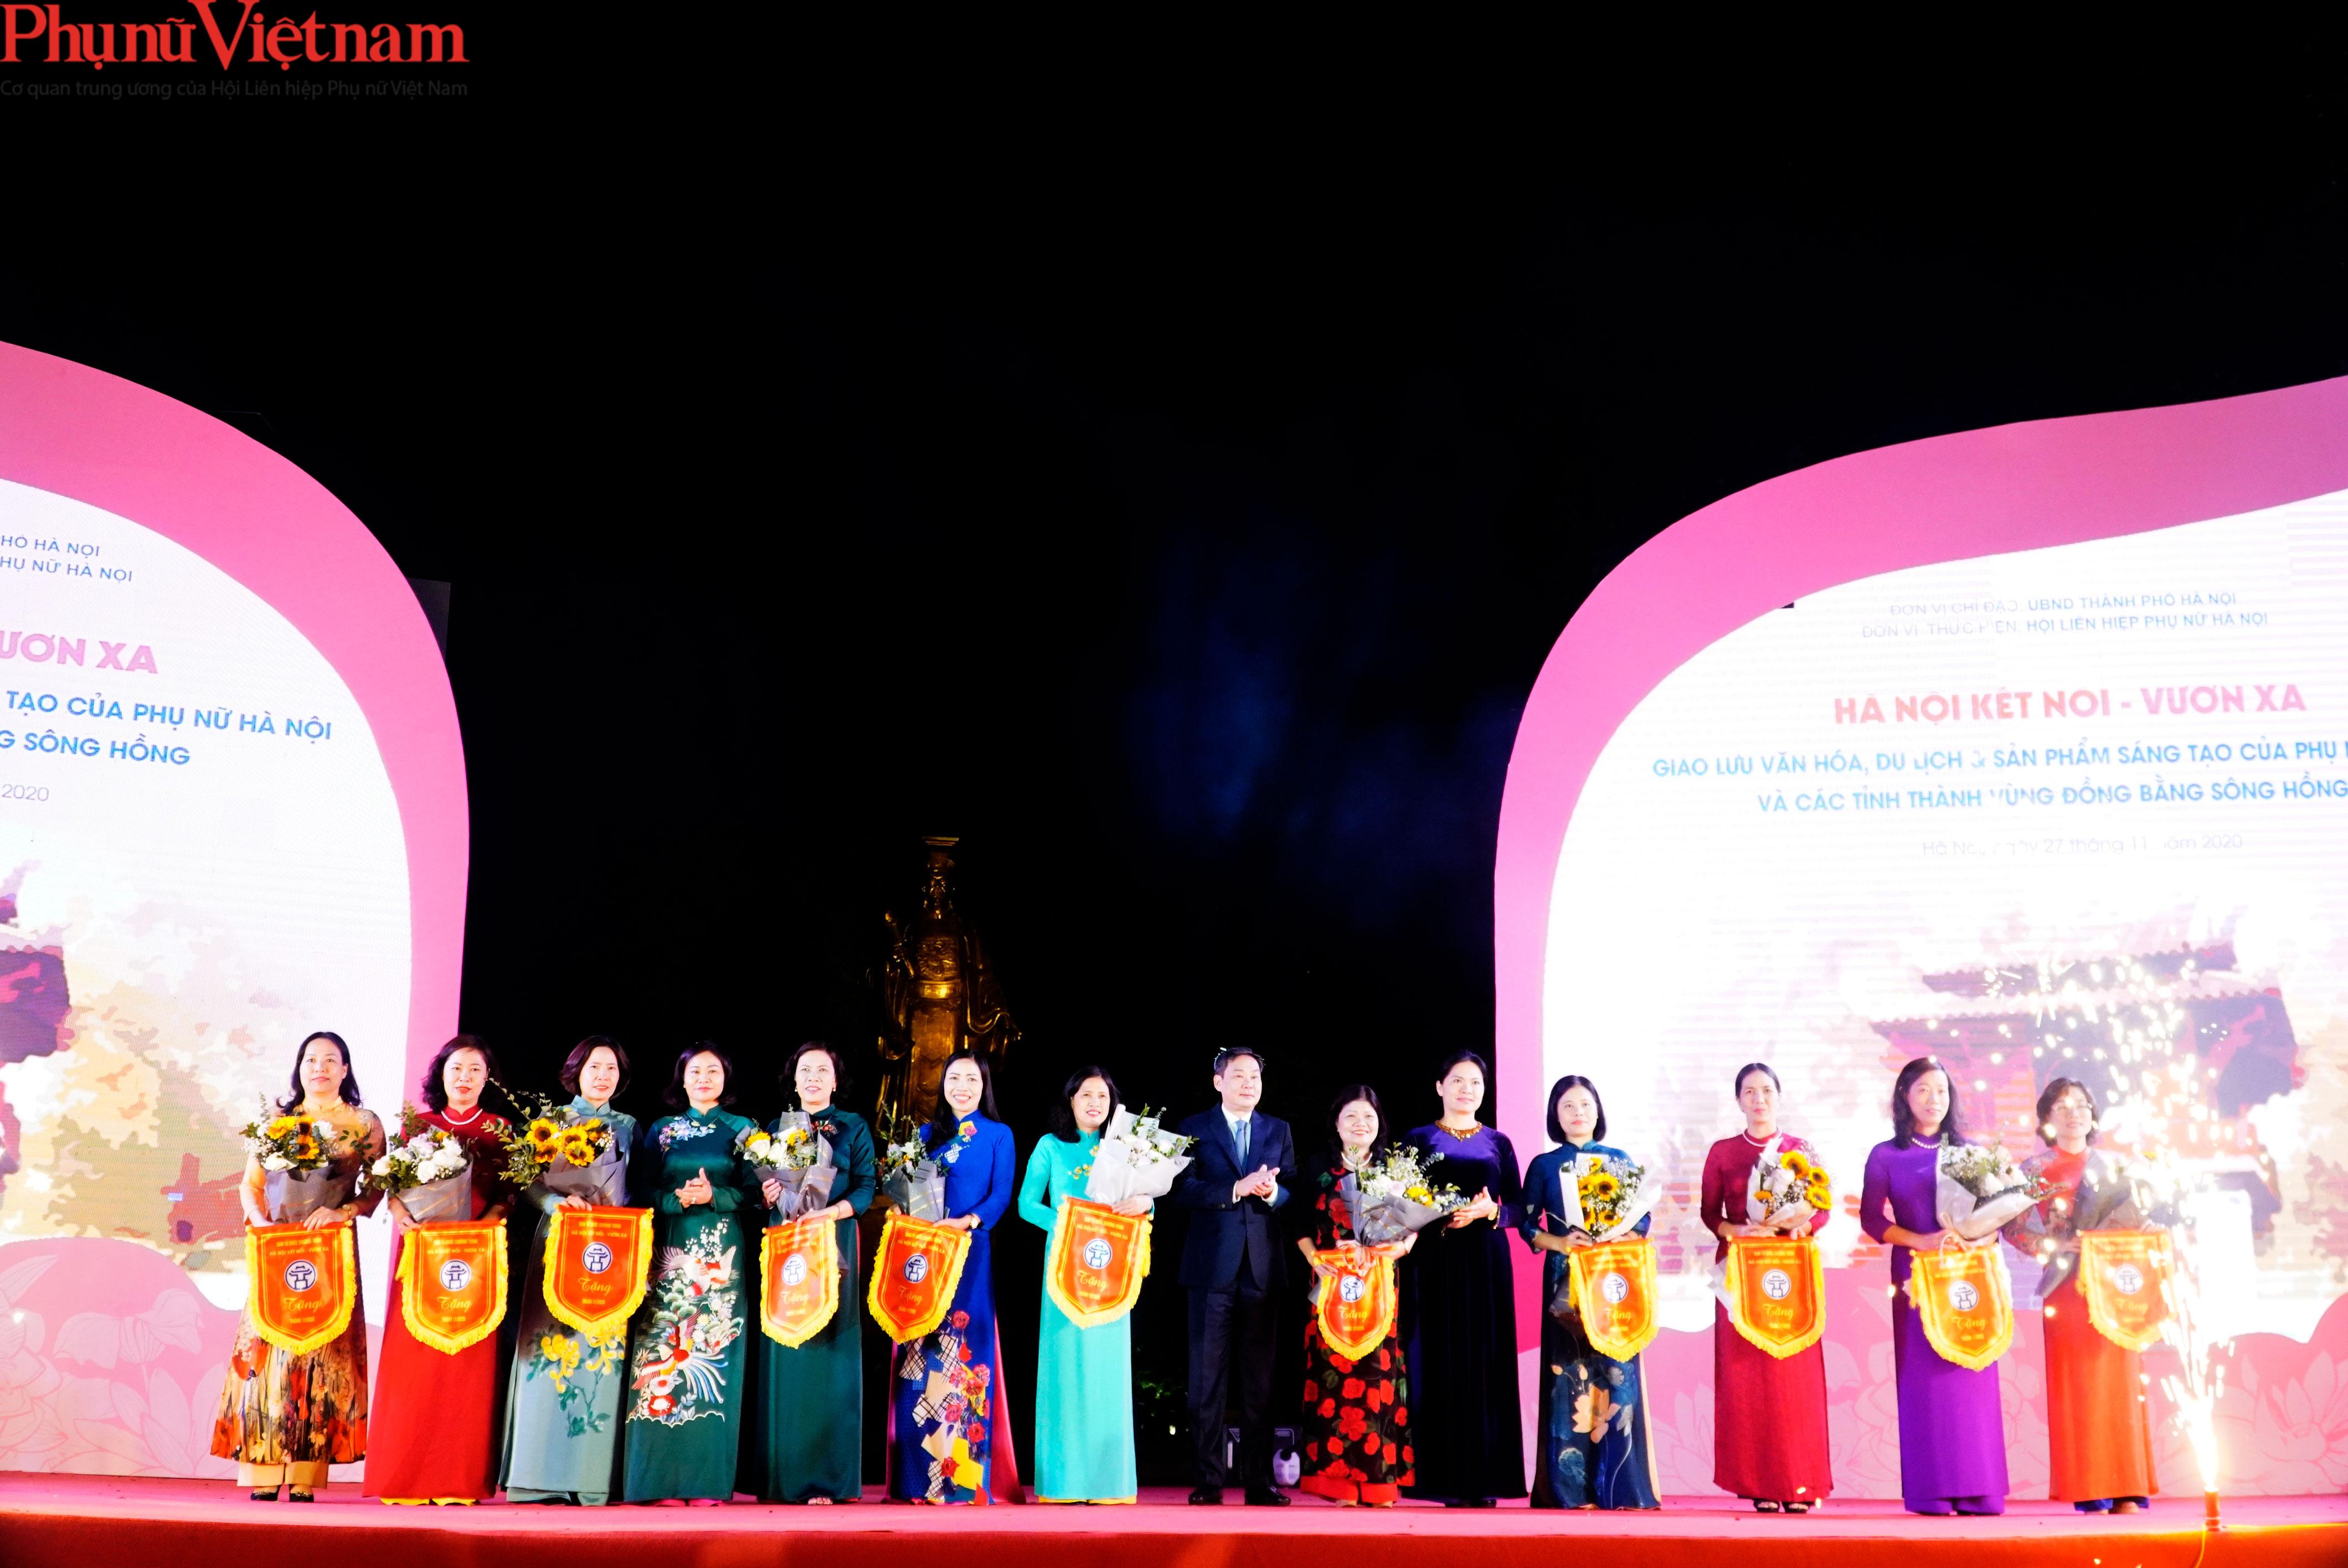 Phụ nữ Hà Nội giao lưu văn hóa, du lịch và sản phẩm sáng tạo với các tỉnh thành thuộc Đồng bằng sông Hồng - Ảnh 2.